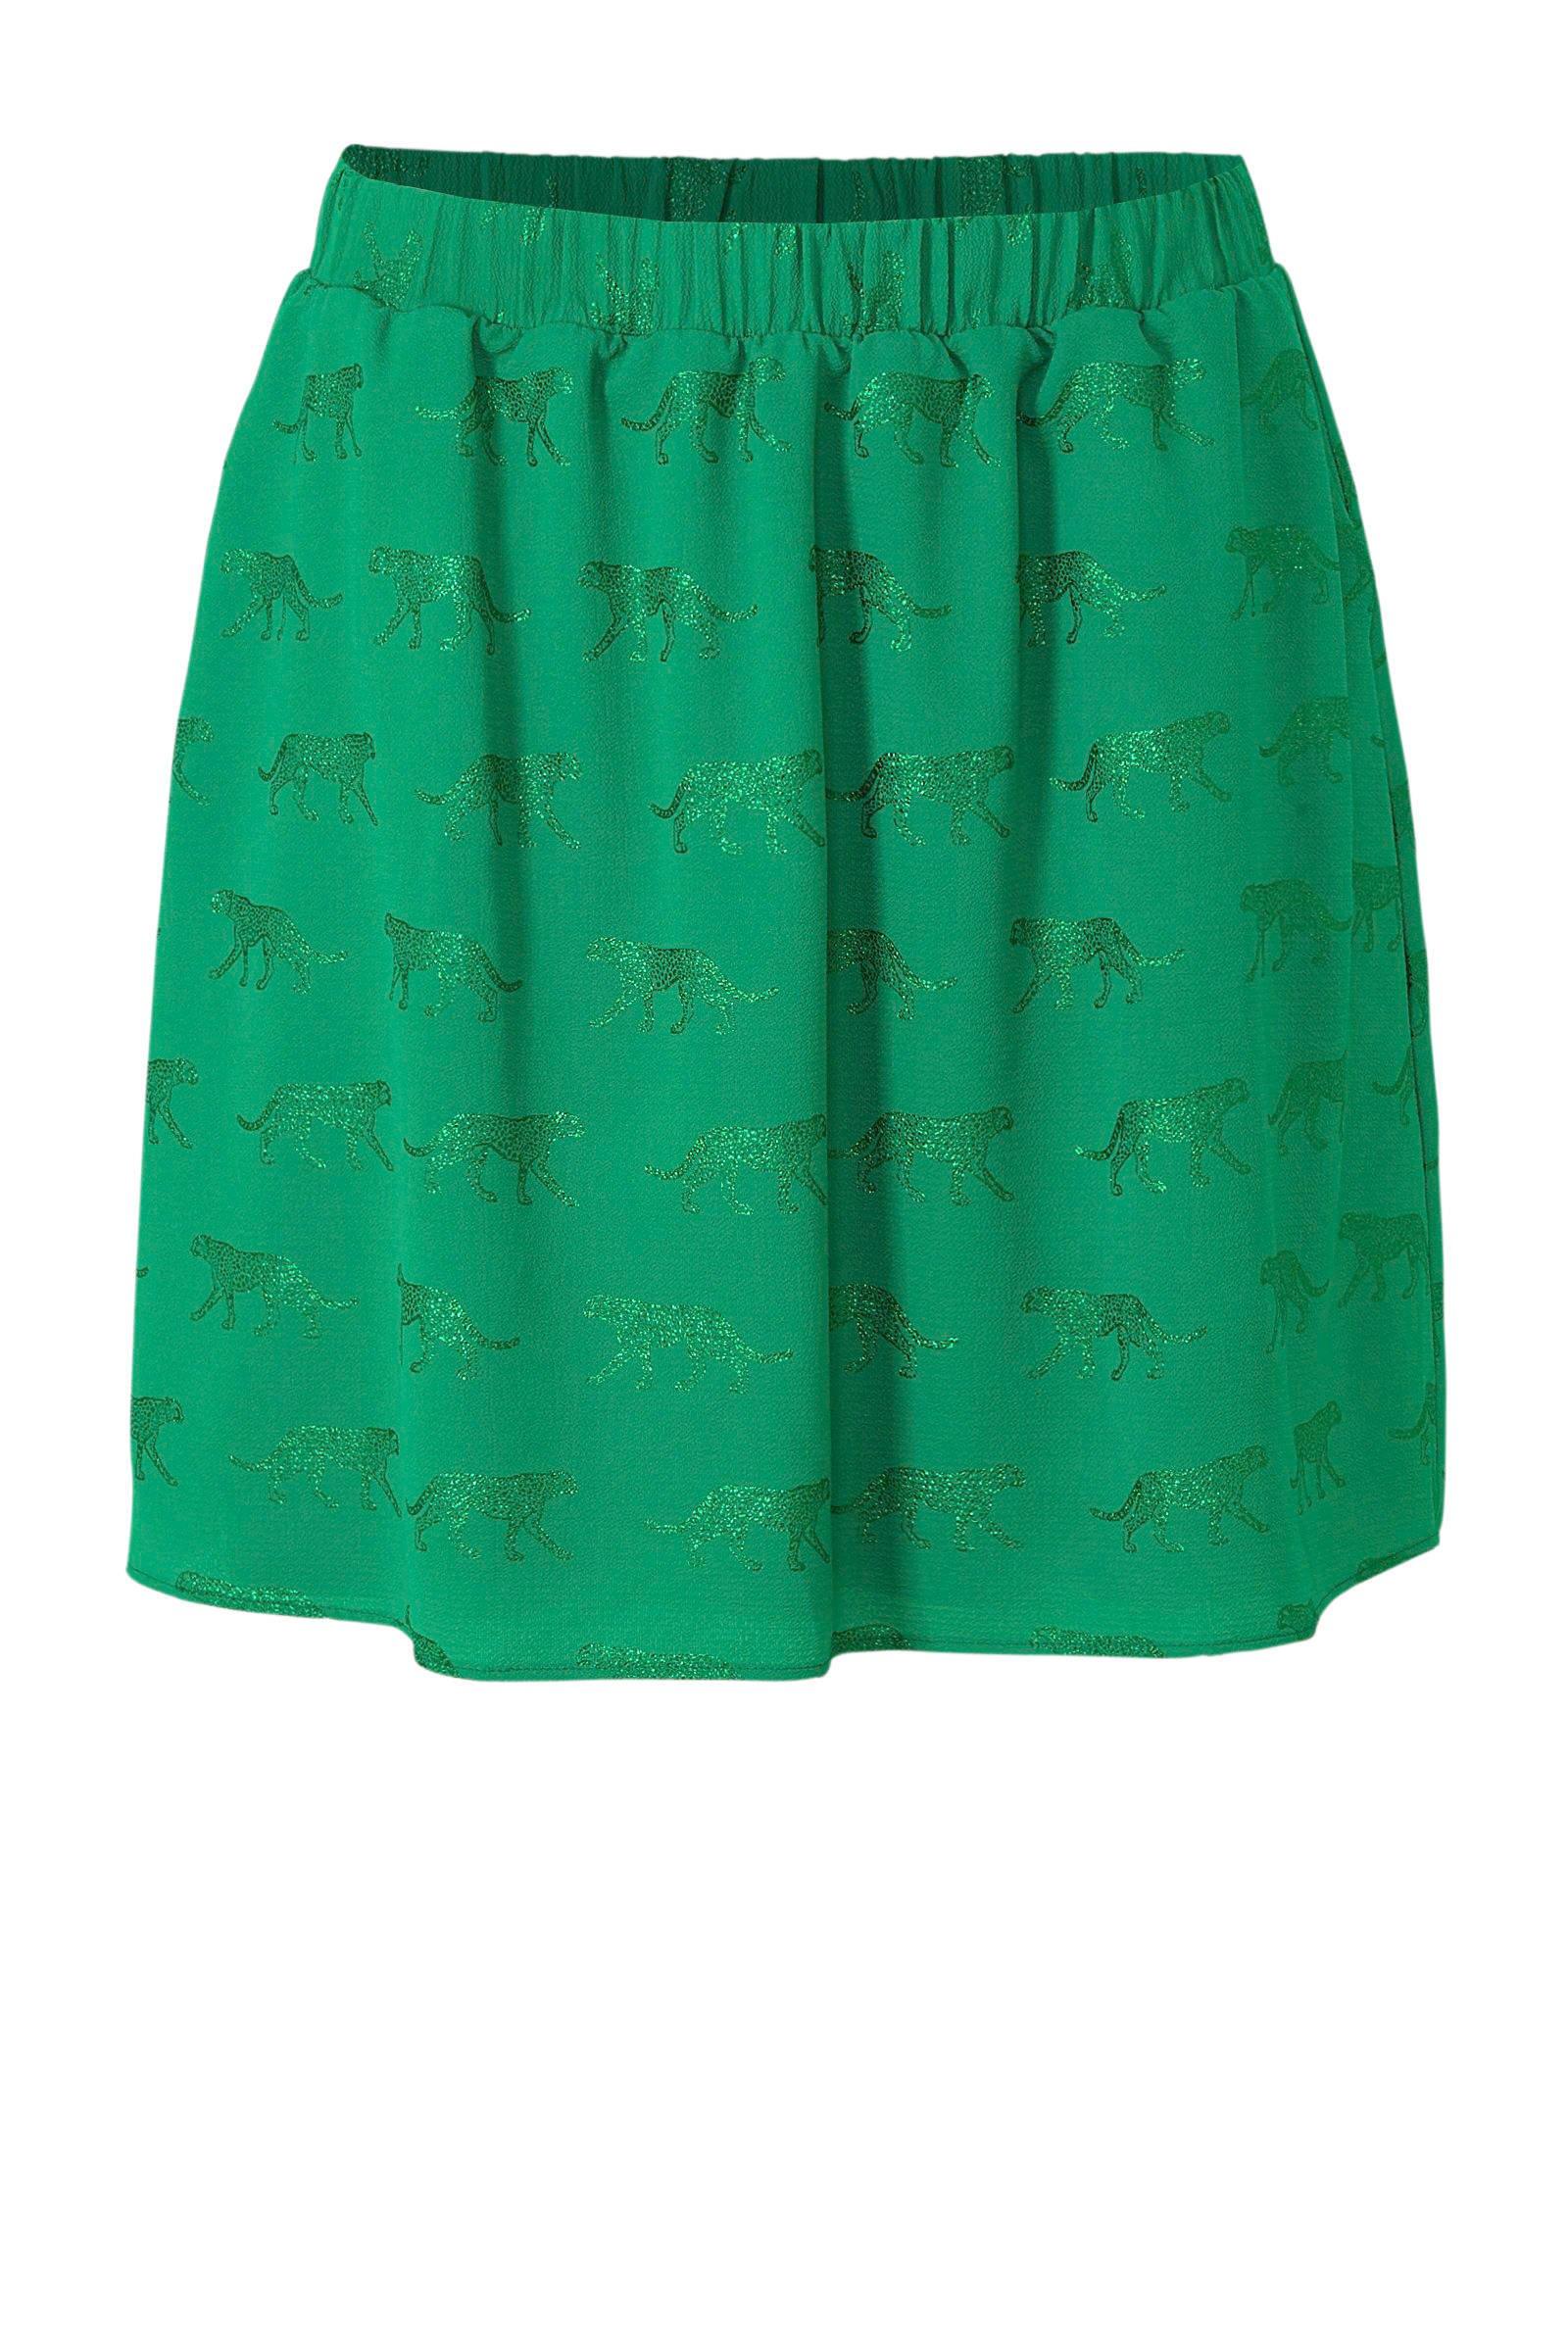 groene rok dames